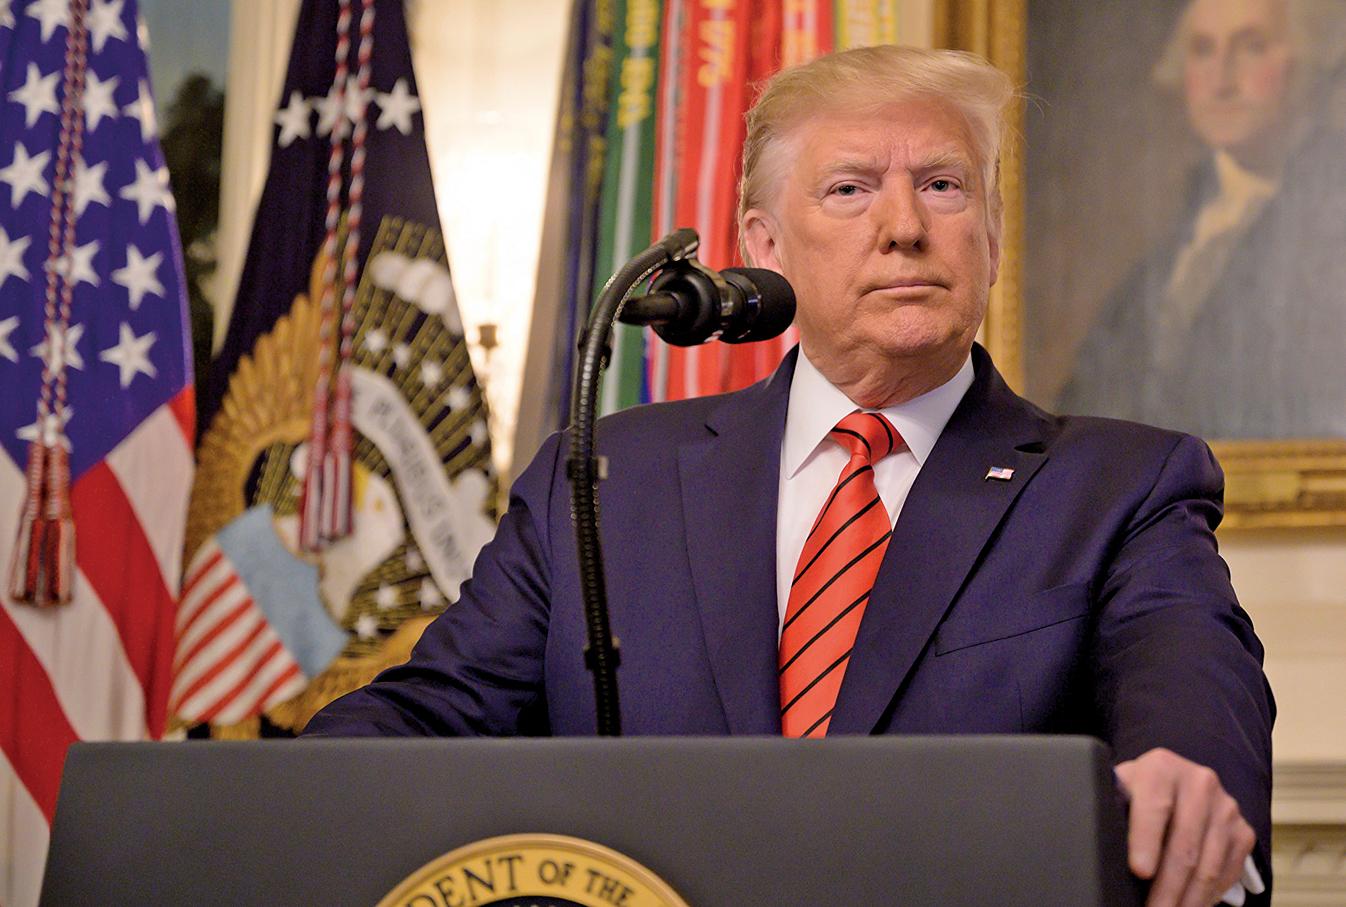 10月27日,美國總統特朗普在白宮舉行新聞發佈會,宣佈伊斯蘭國(ISIS)頭目巴格達迪已經在美軍的突擊行動中死亡。(AFP)